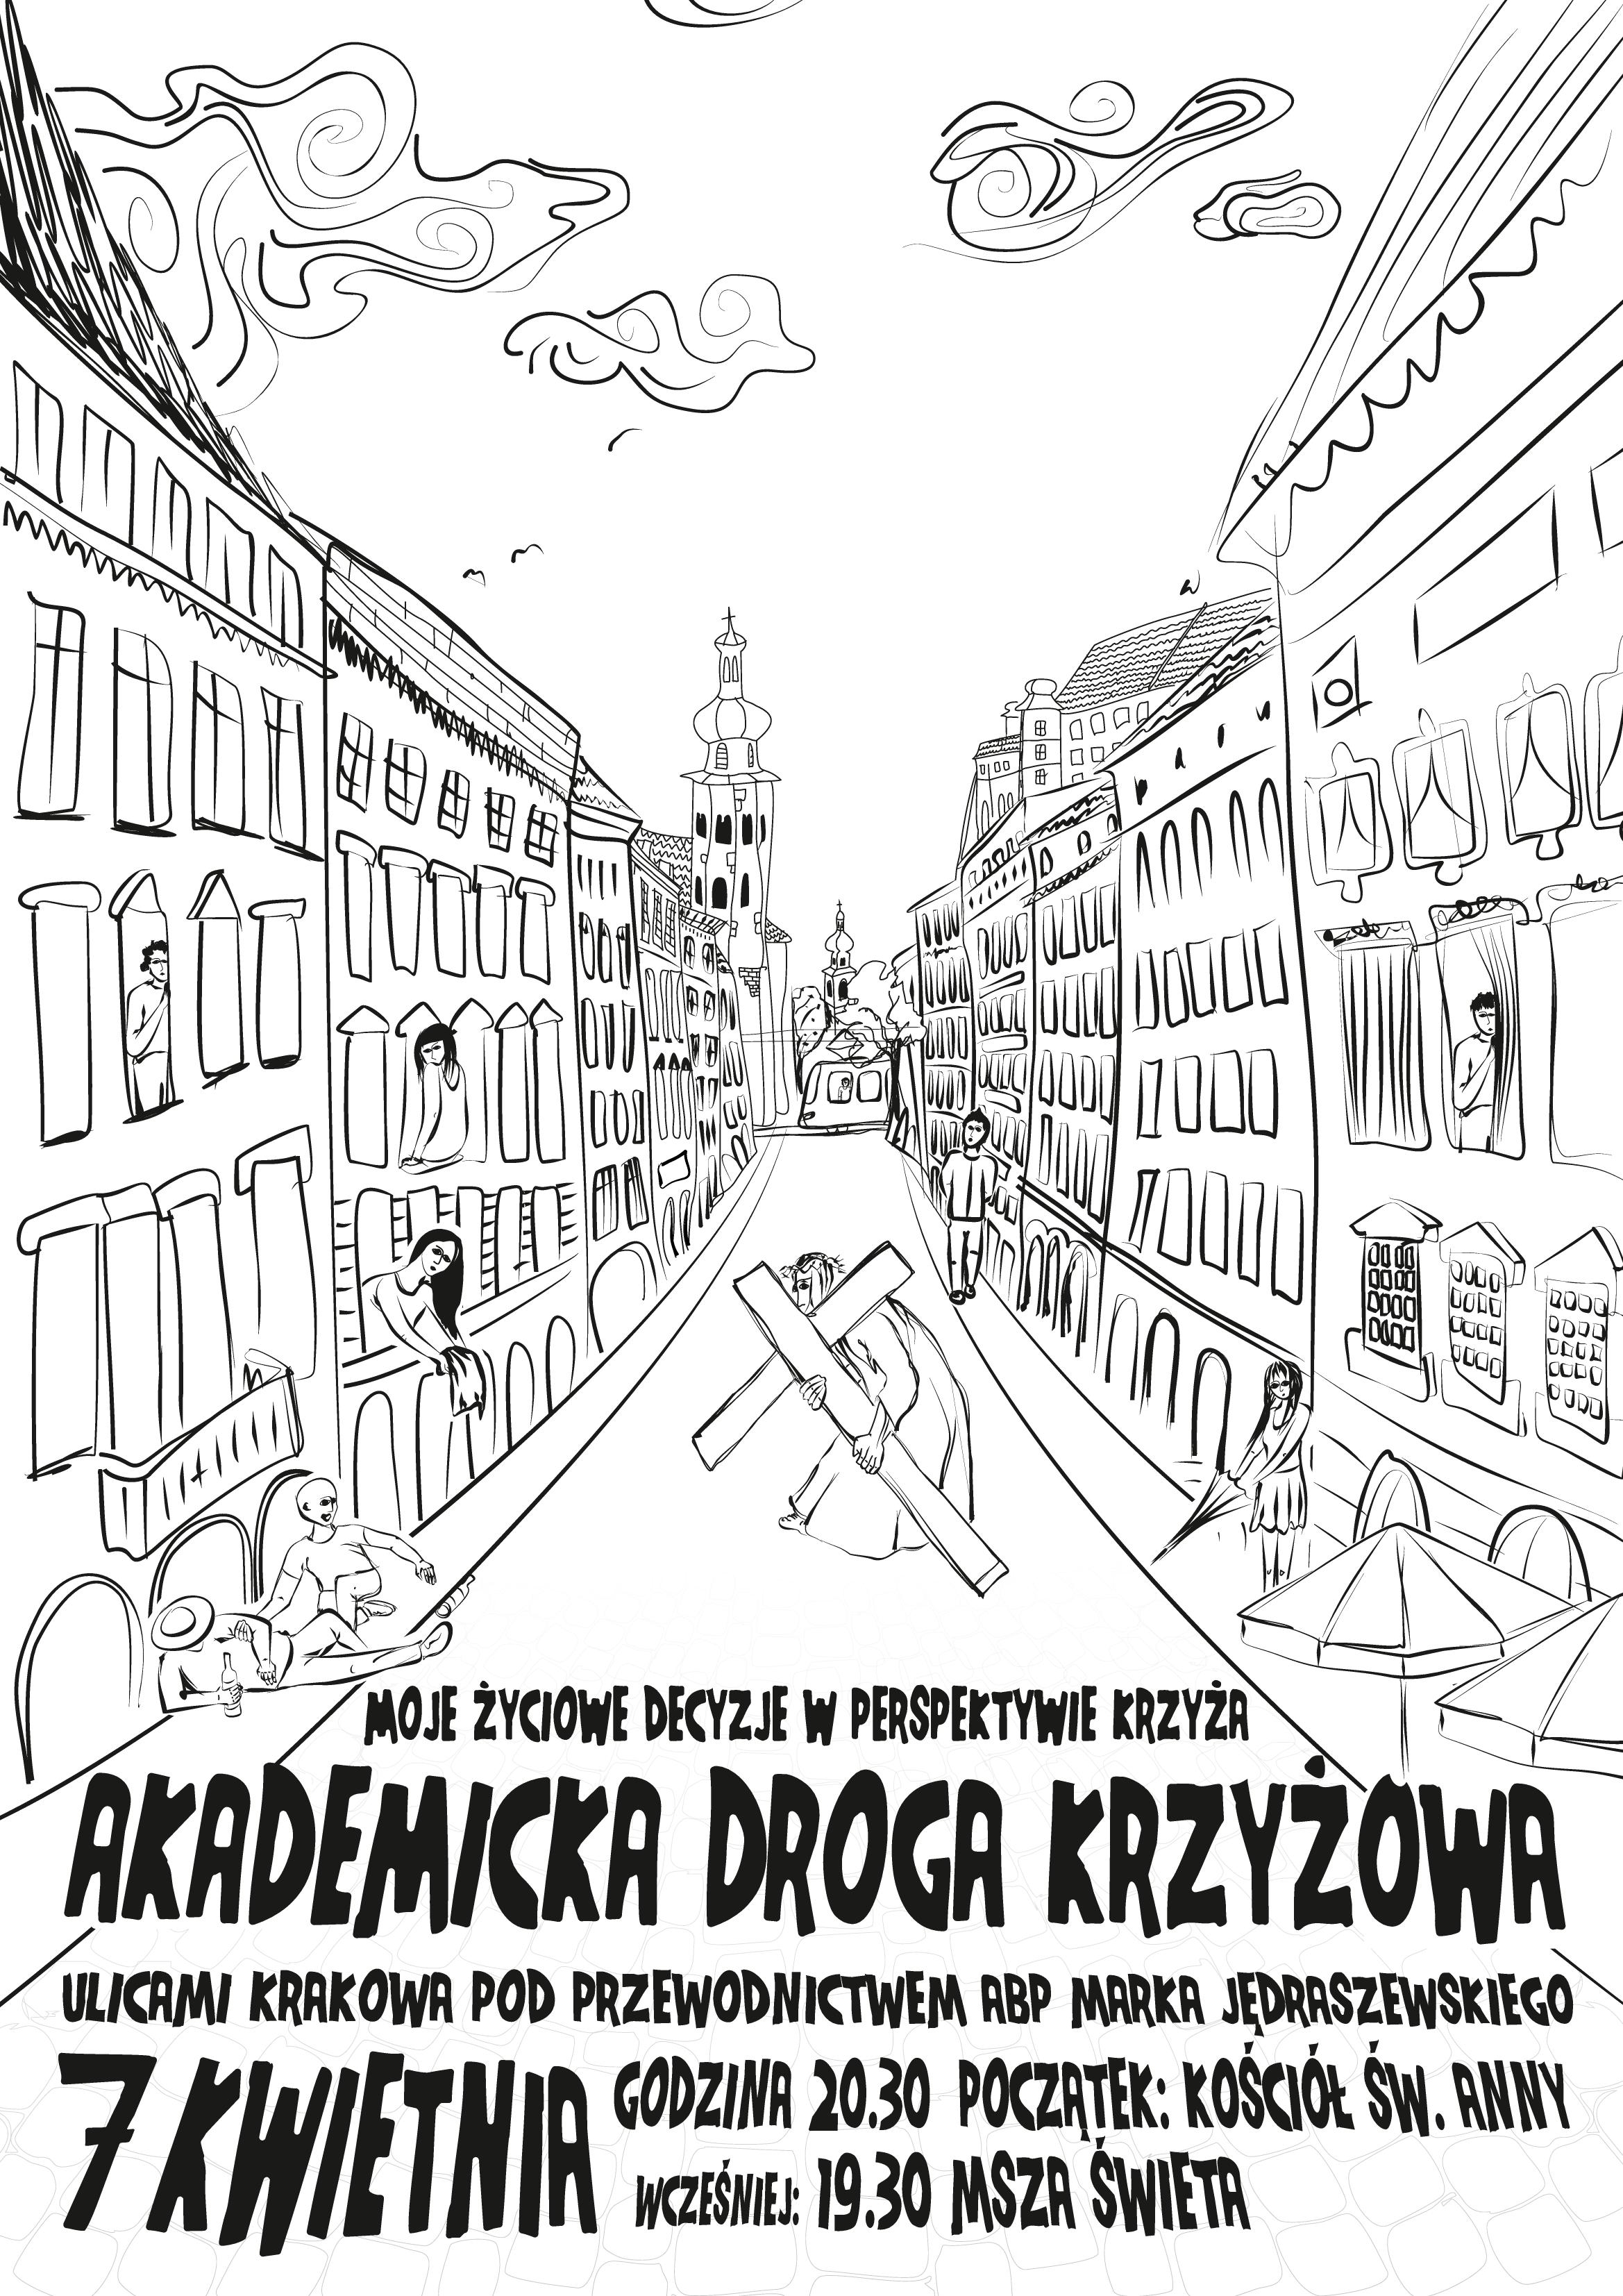 Akademicka Droga Krzyżowa ulicami Krakowa